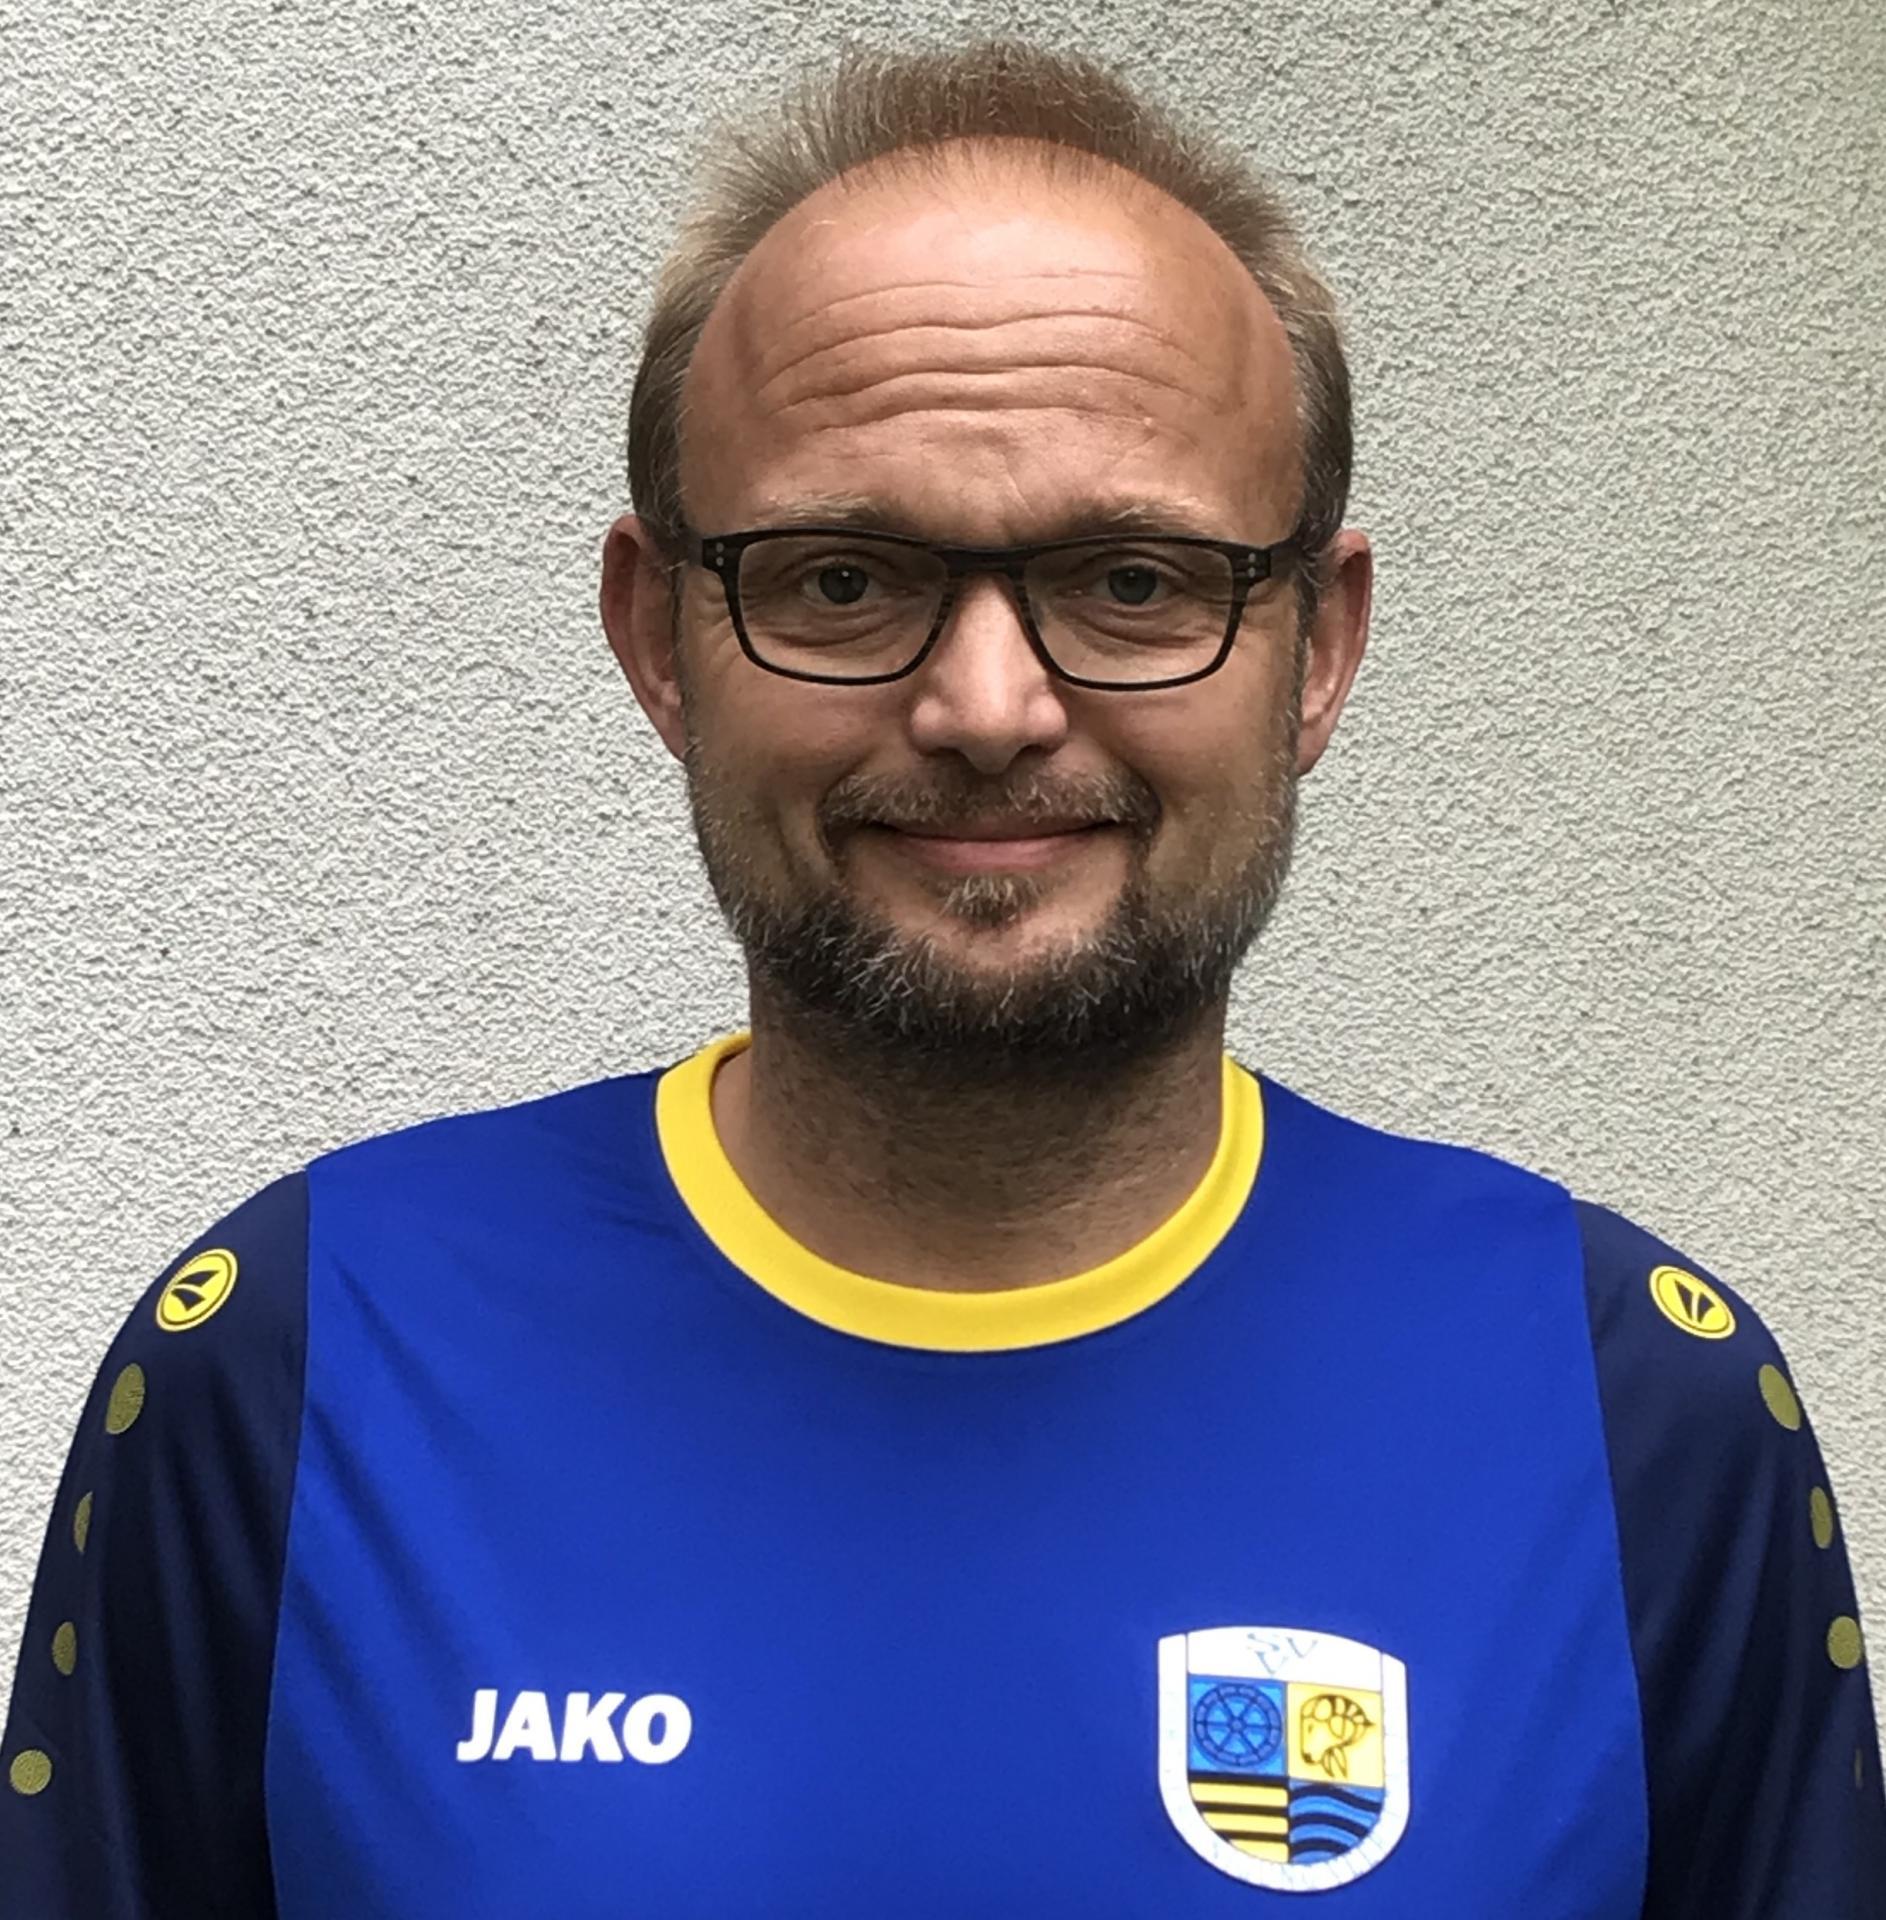 Olaf Lange